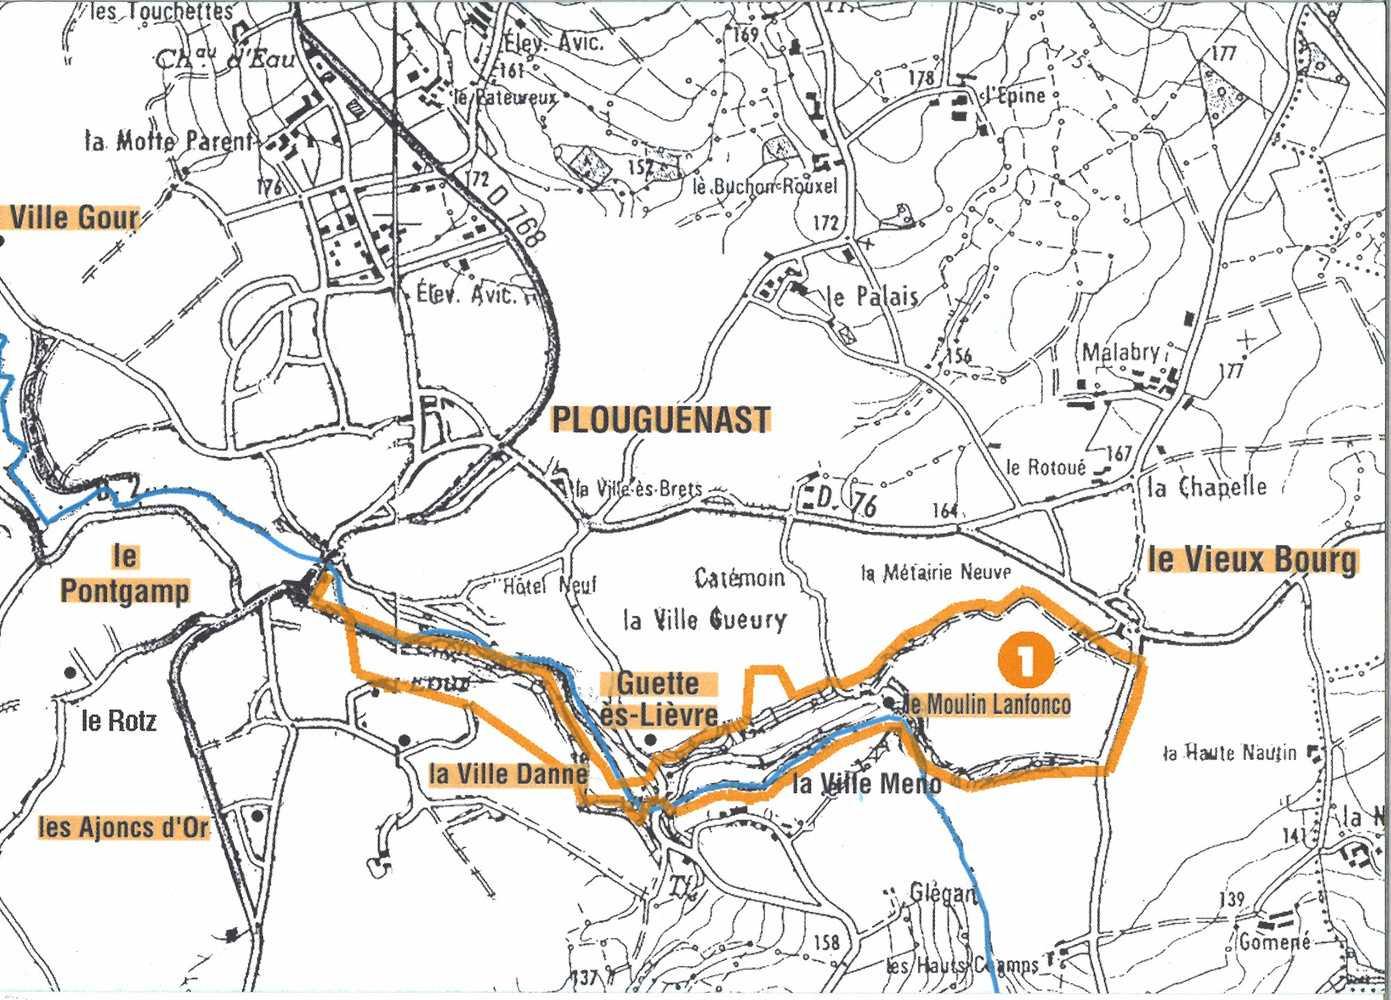 Circuit de Guette-es-Lièvres 5,4 km 0